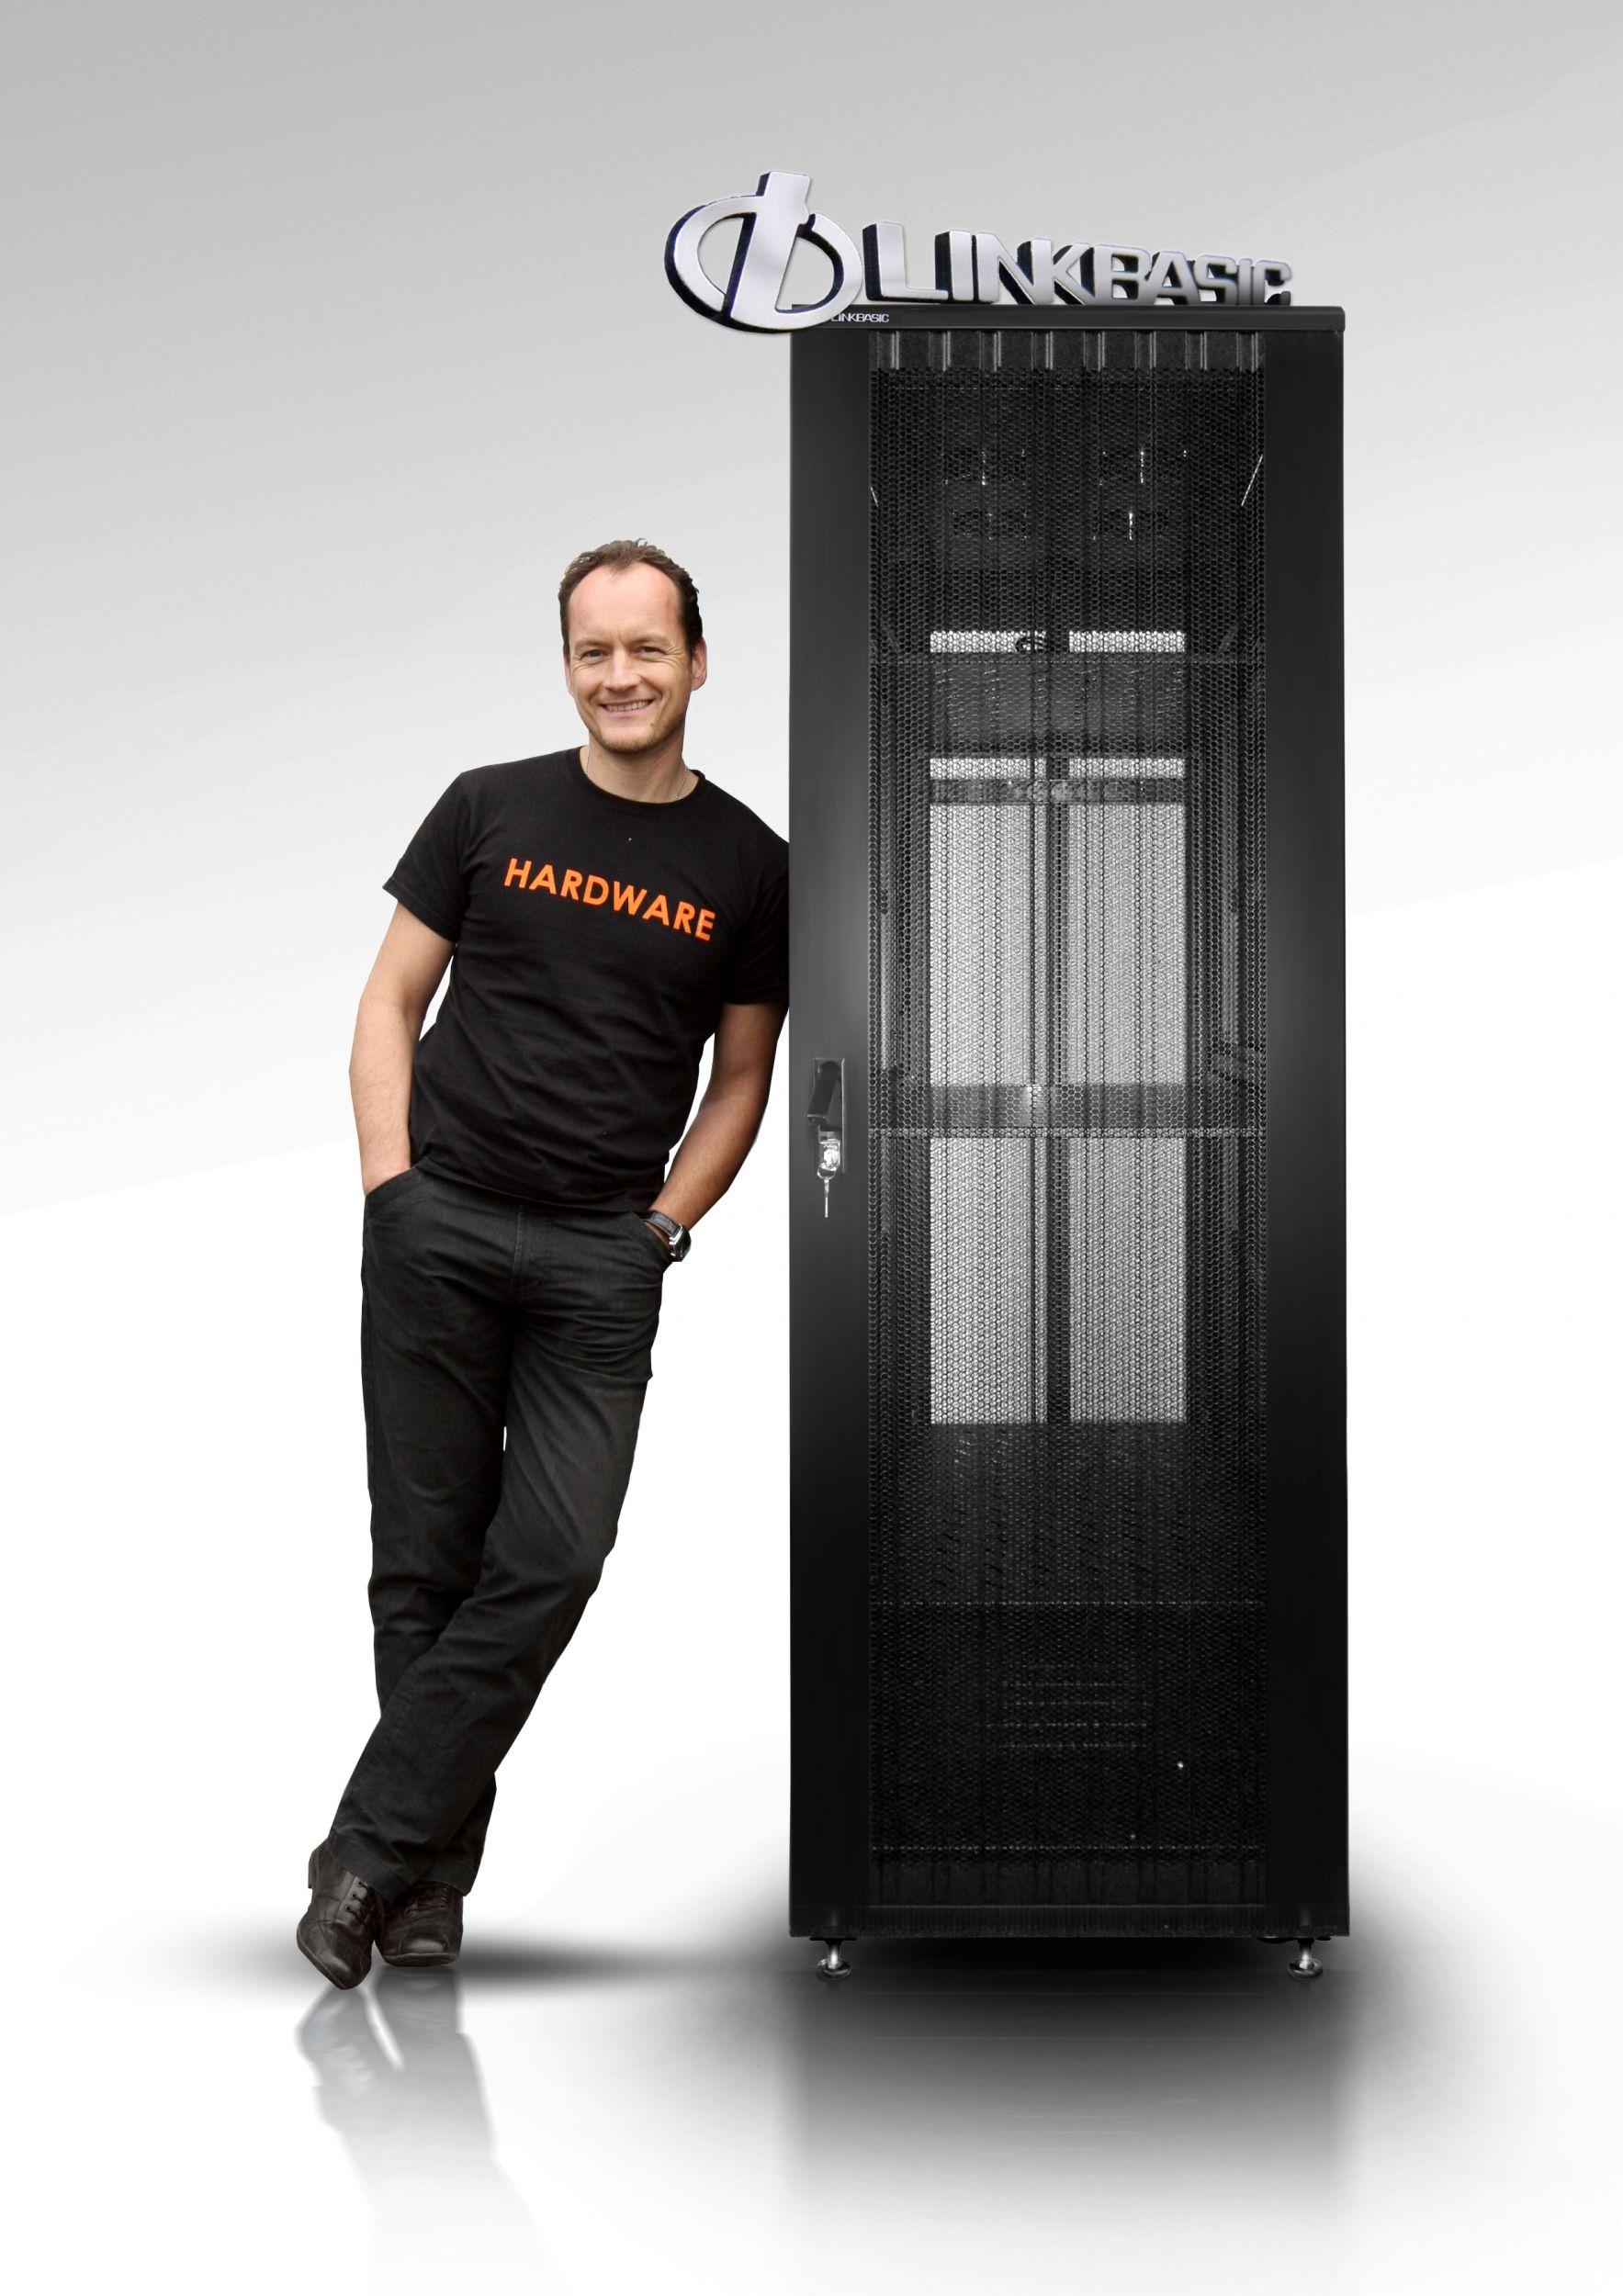 """Als neuer Deutschland-Distributor von Linkbasic bietet Netzwerkspezialist IT-Budget ein Serverschrank -""""Rund-um-sorglos-Paket""""."""